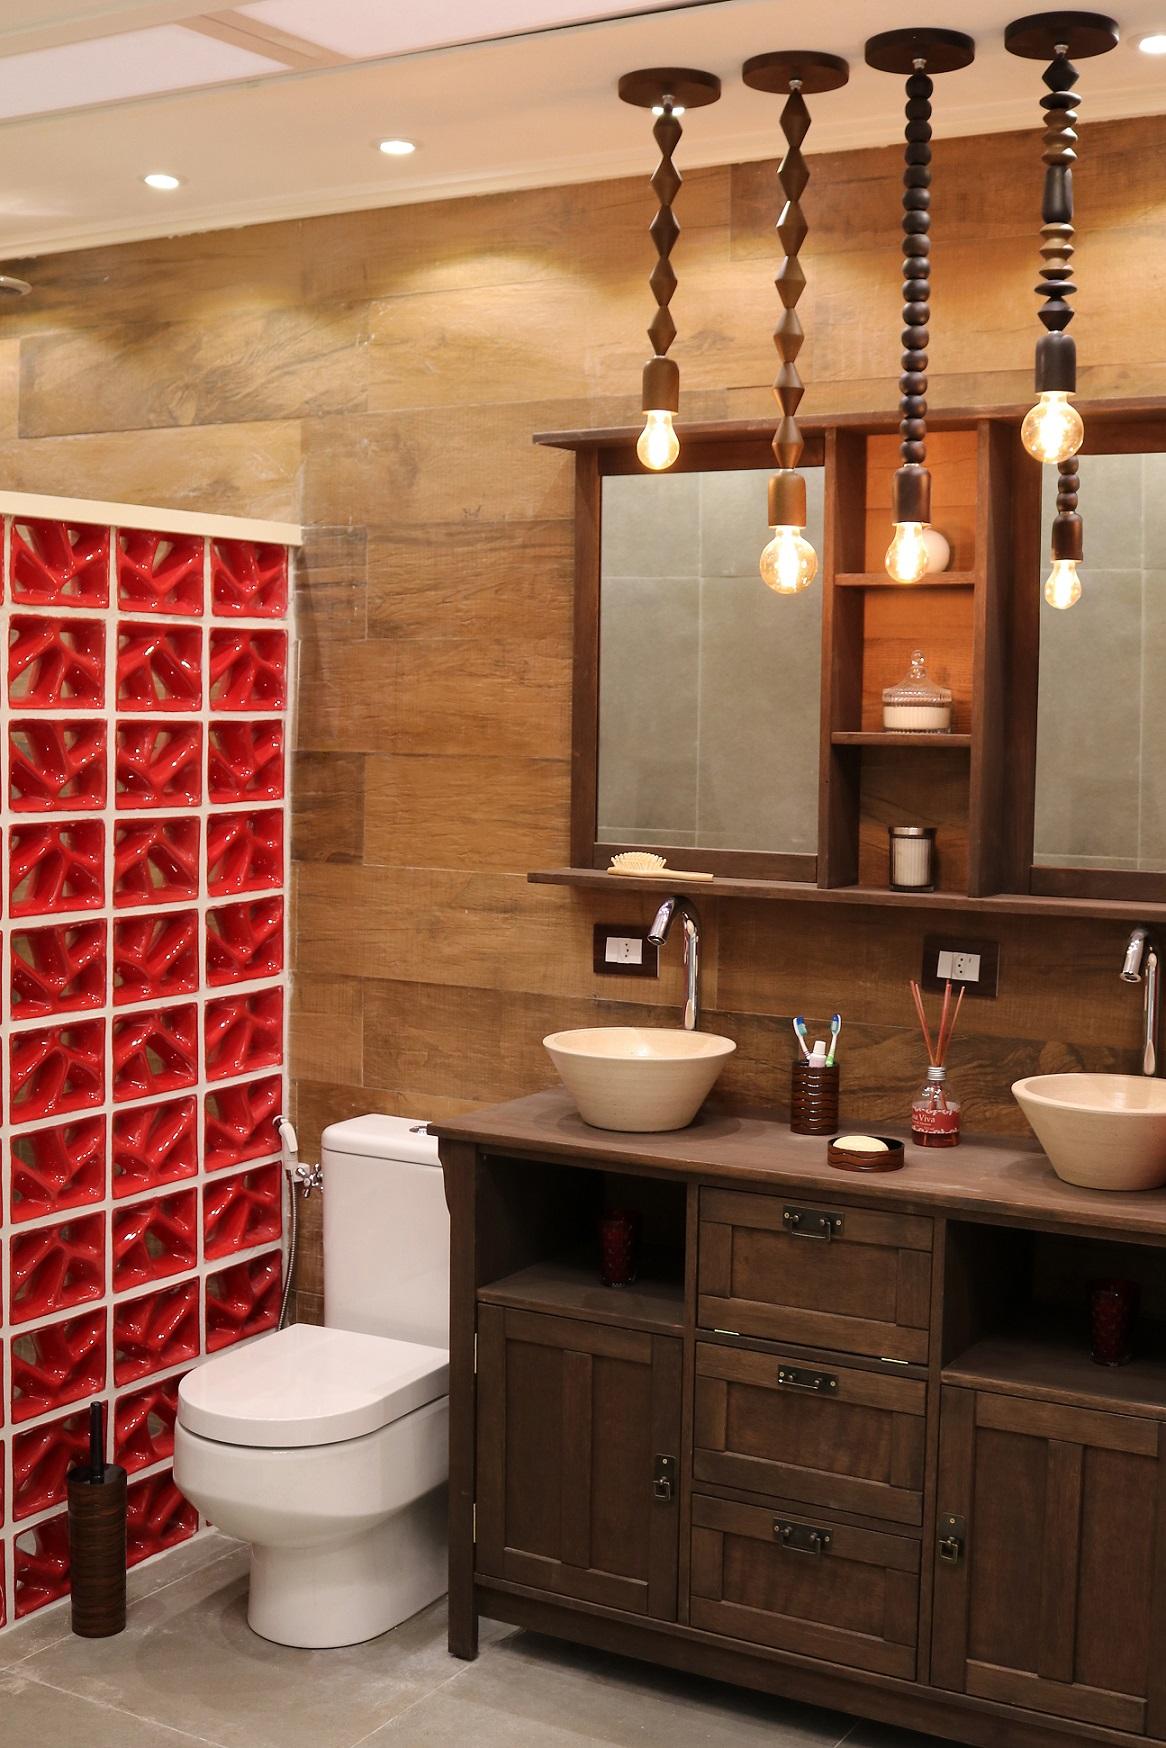 Banheiro pequeno com cobog s vermelhos leroy merlin for Lavabos pequenos leroy merlin